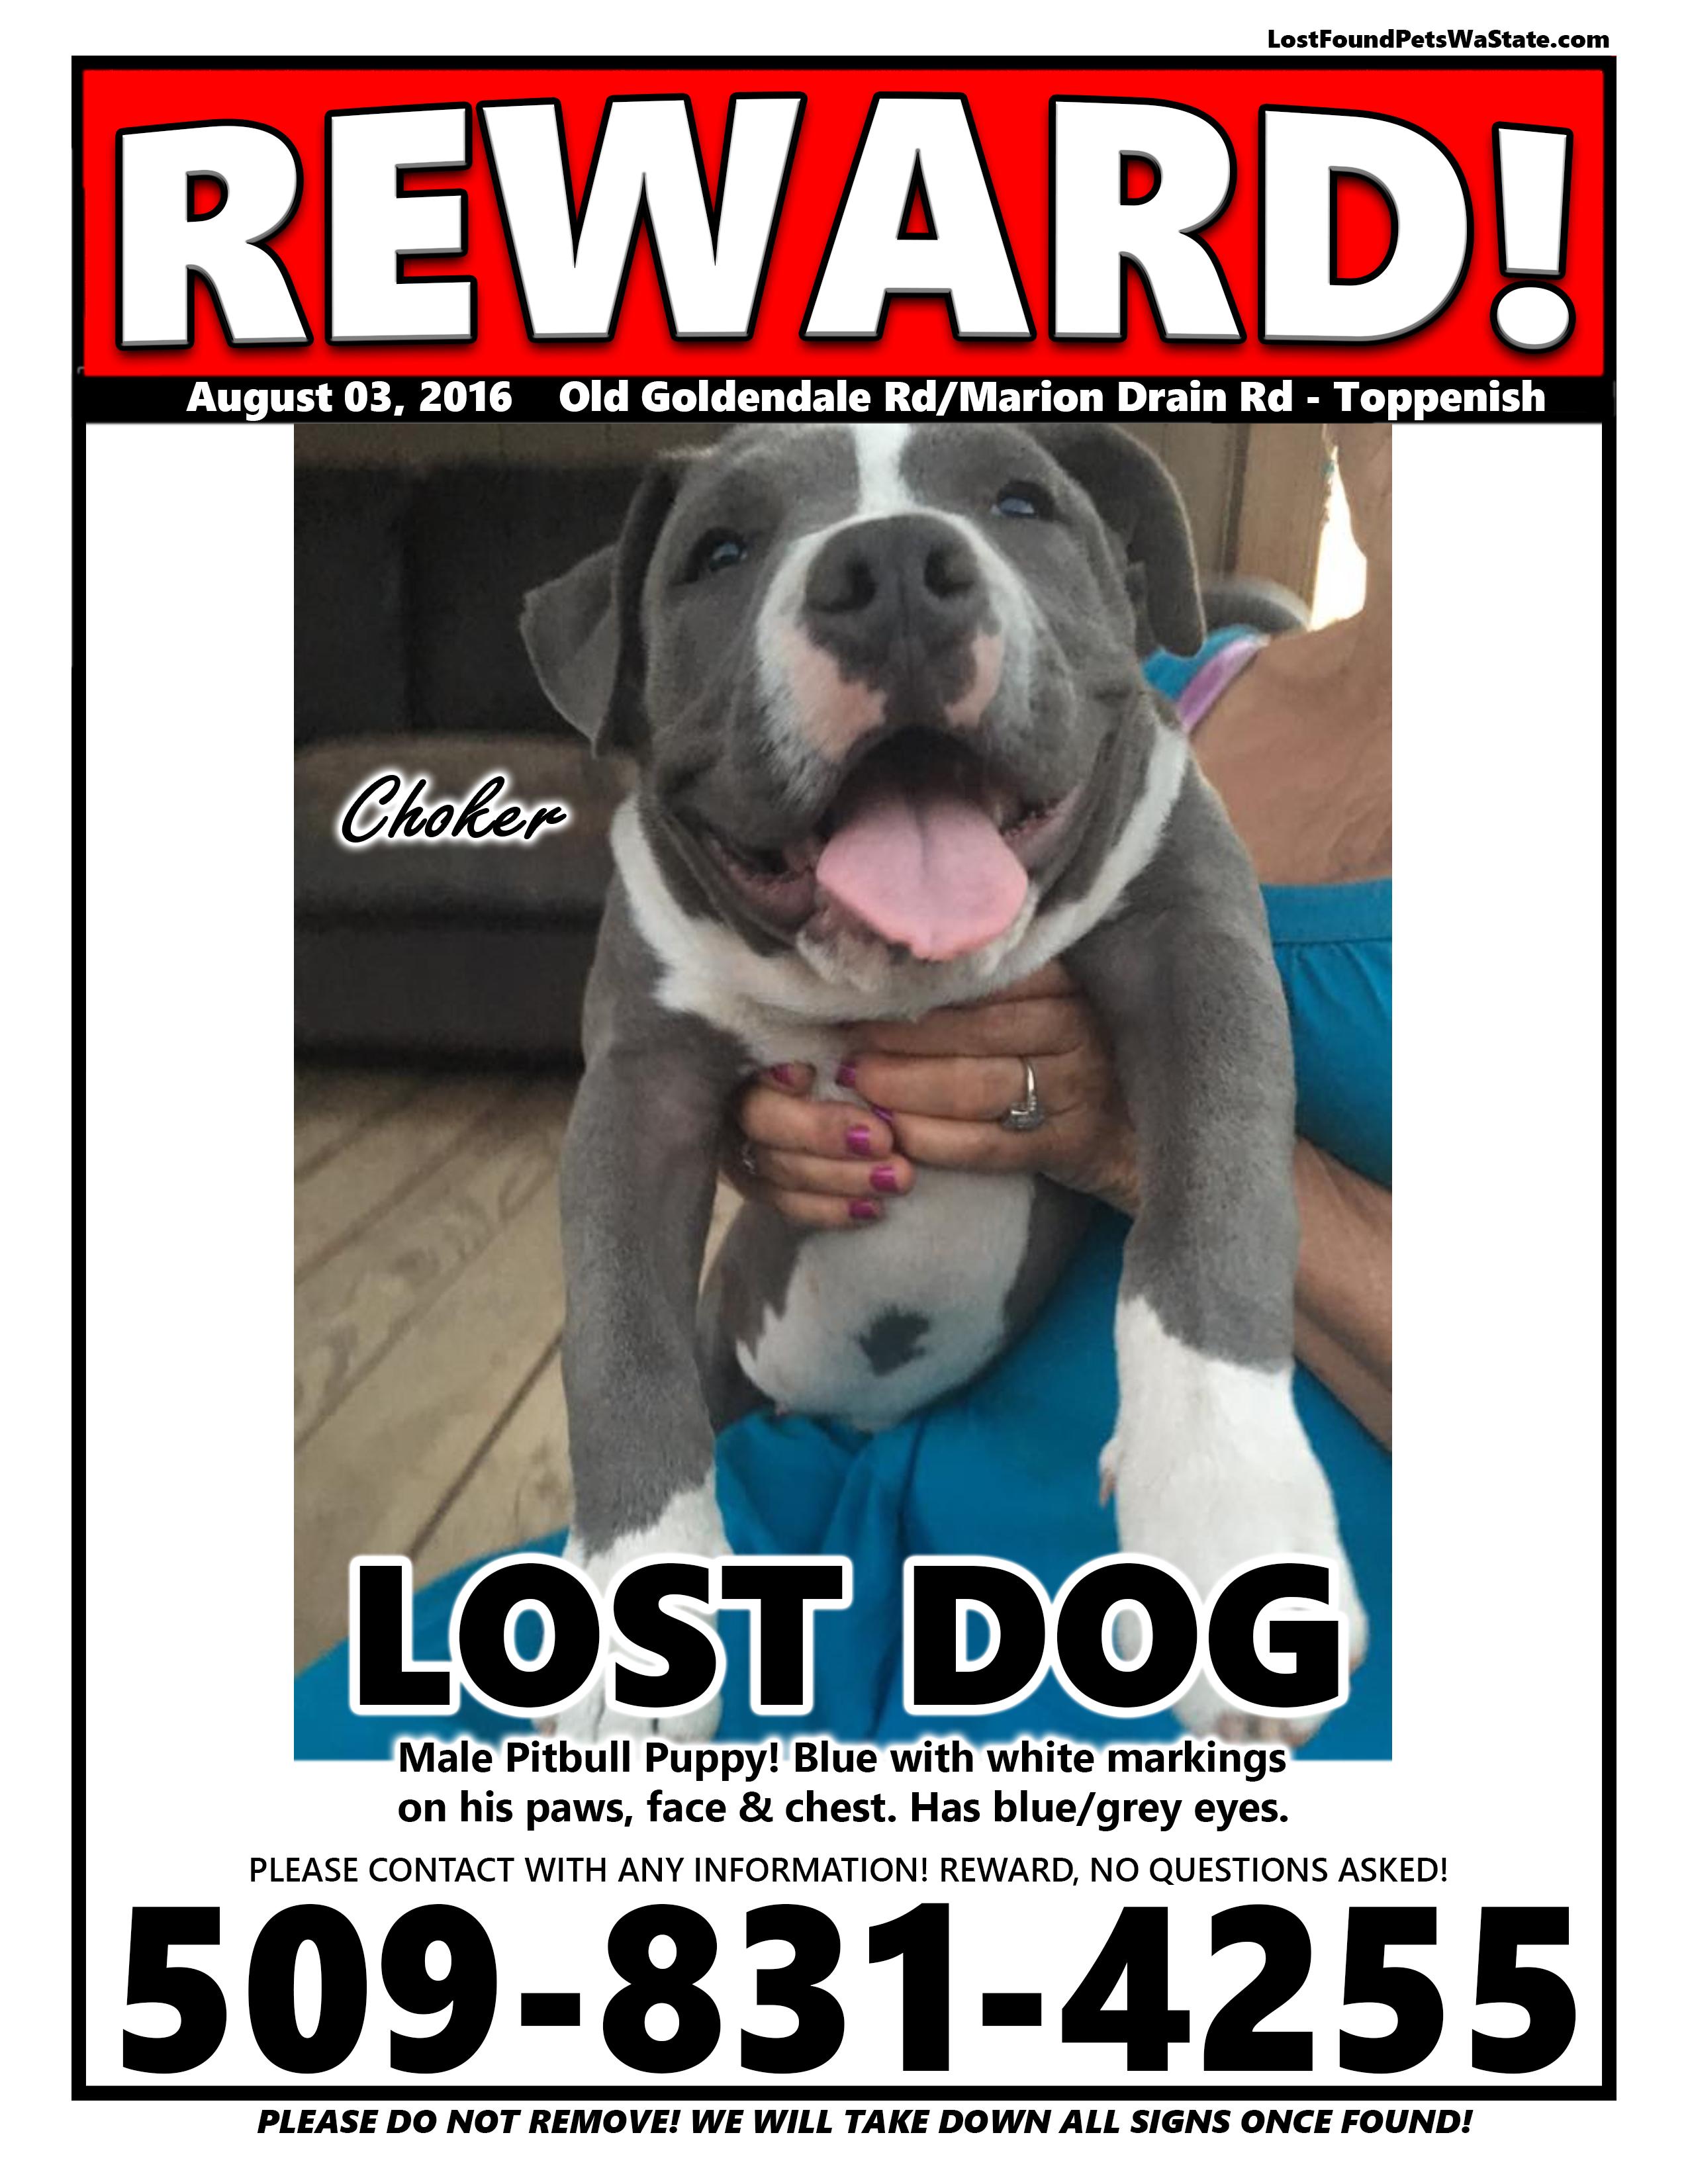 Missing Dog – Toppenish, Wa | LOST & FOUND PETS WA STATE